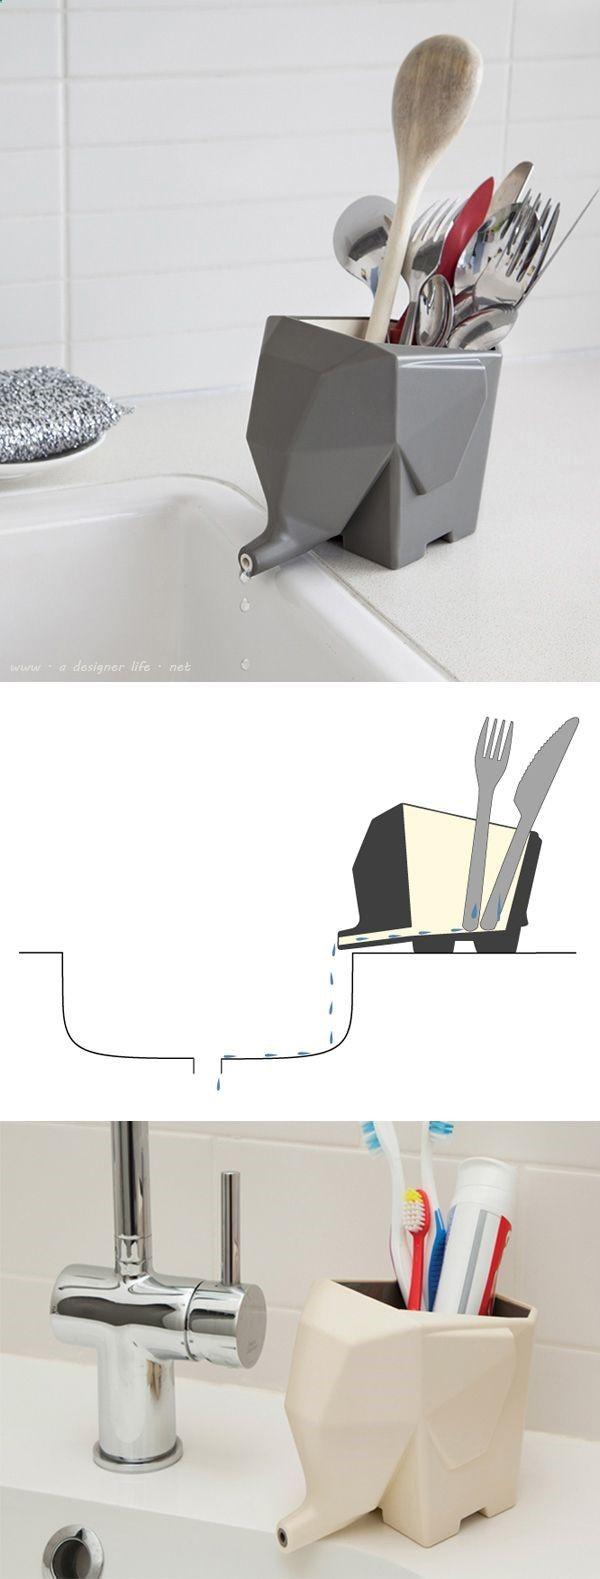 Container House - Accessoire décoratif pour la cuisine ou la salle de bain vraiment pratique : l'éléphant porte ustensile ou porte brosse à dent laisse échapper l'eau directement dans le lavabo. Joli en plus. - Who Else Wants Simple Step-By-Step Plans To Design And Build A Container Home From Scratch?